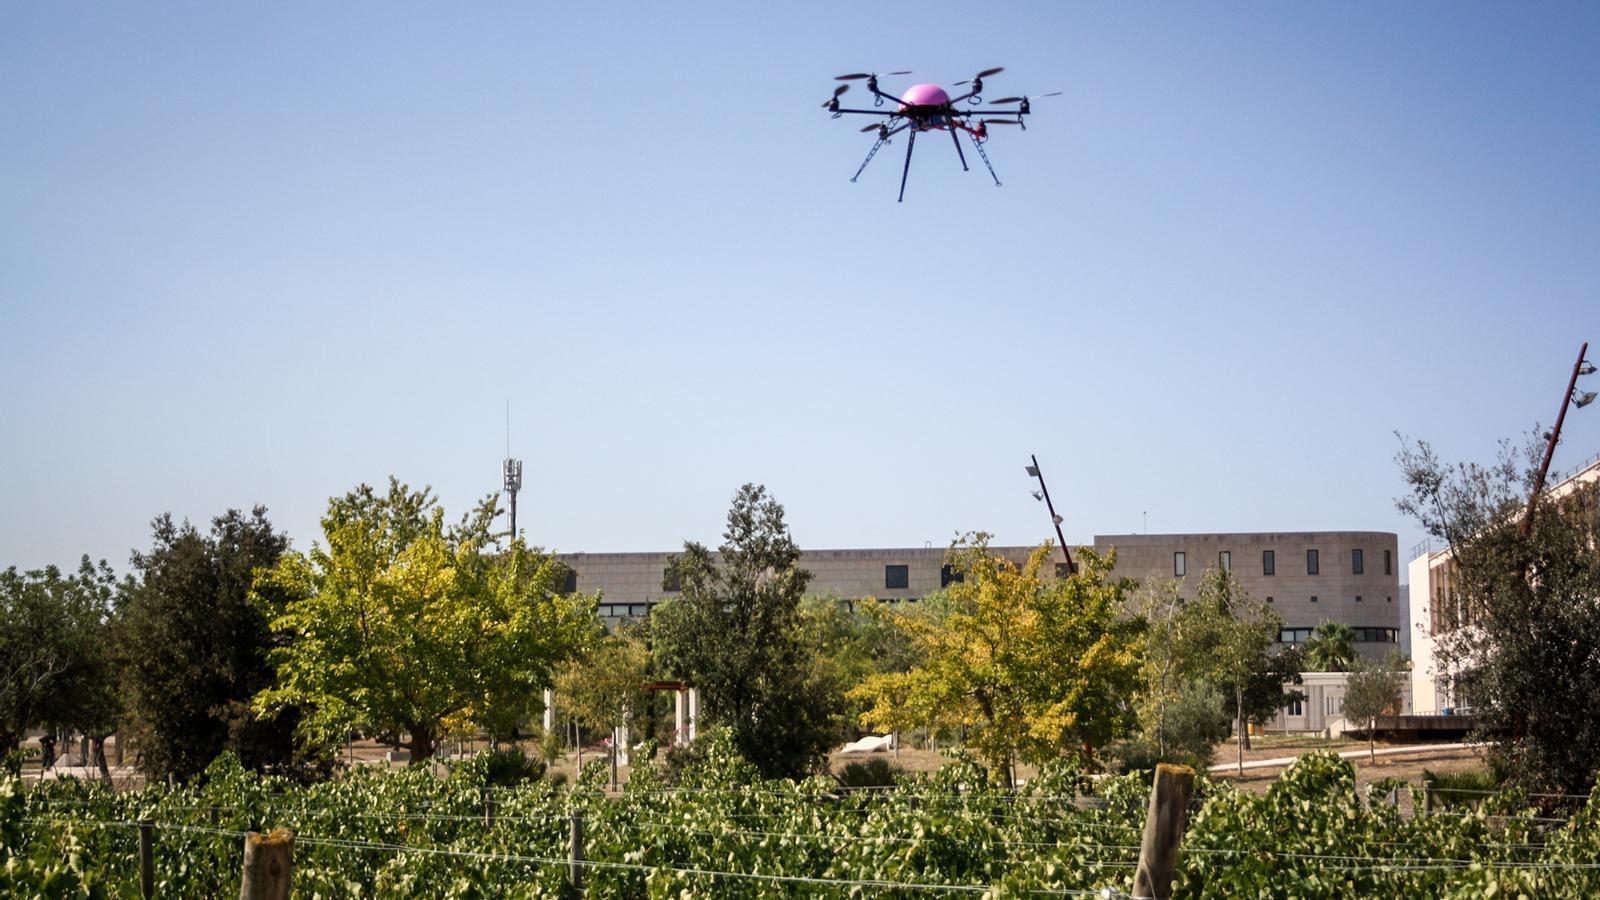 Els drons podrien ajudar els pagesos? La UIB n'avalua l'ús en el sector agrícola